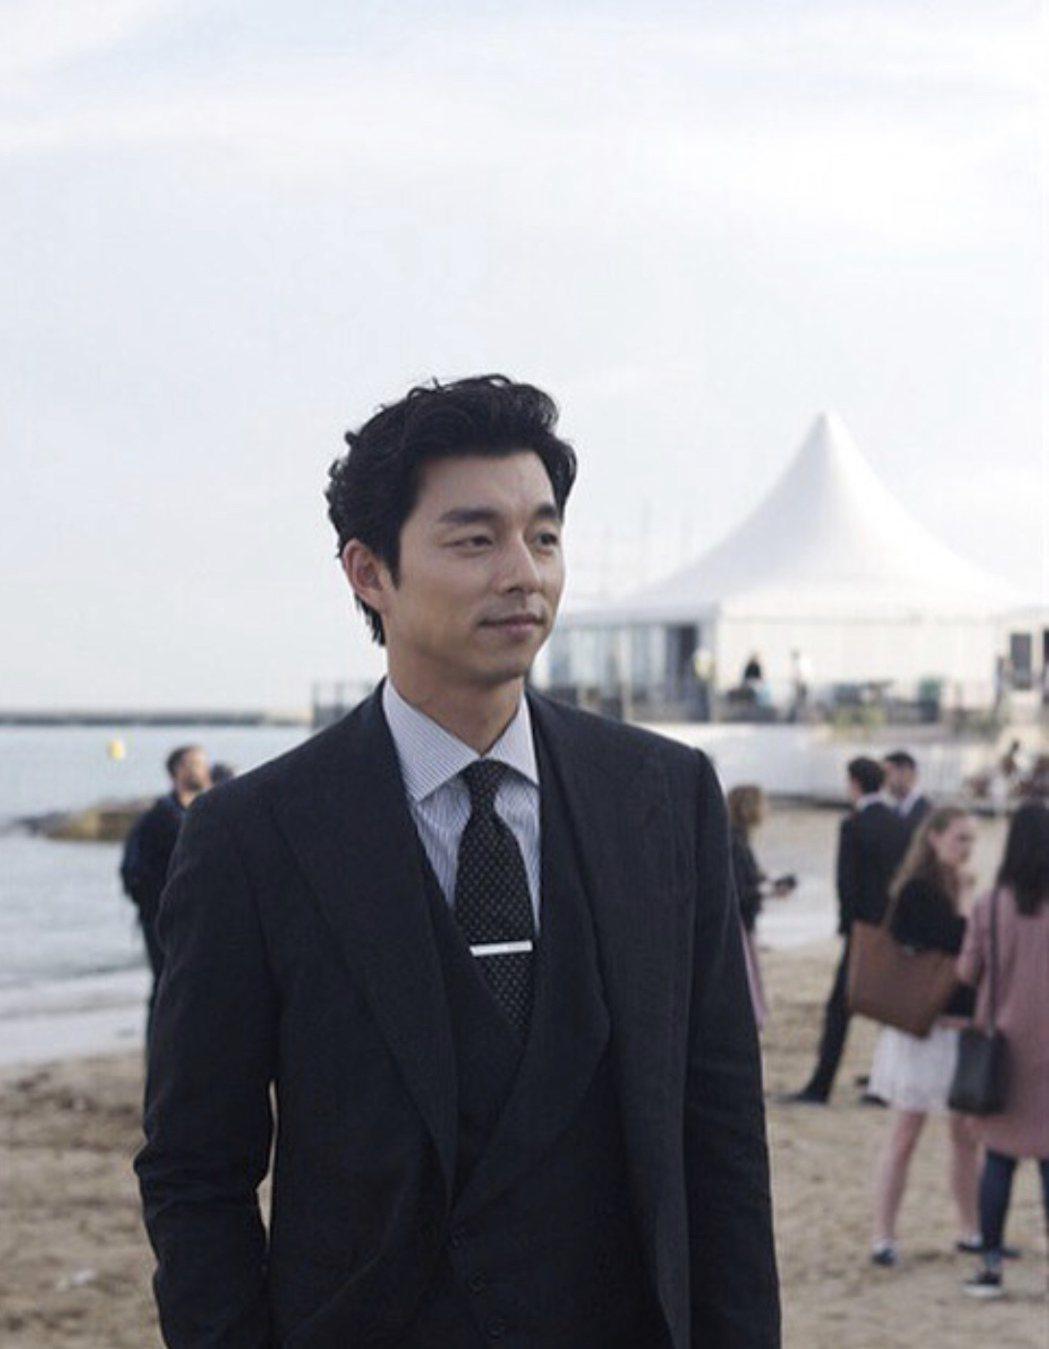 孔劉傳出將接拍Netflix新戲「寂靜的大海」。圖/摘自IG